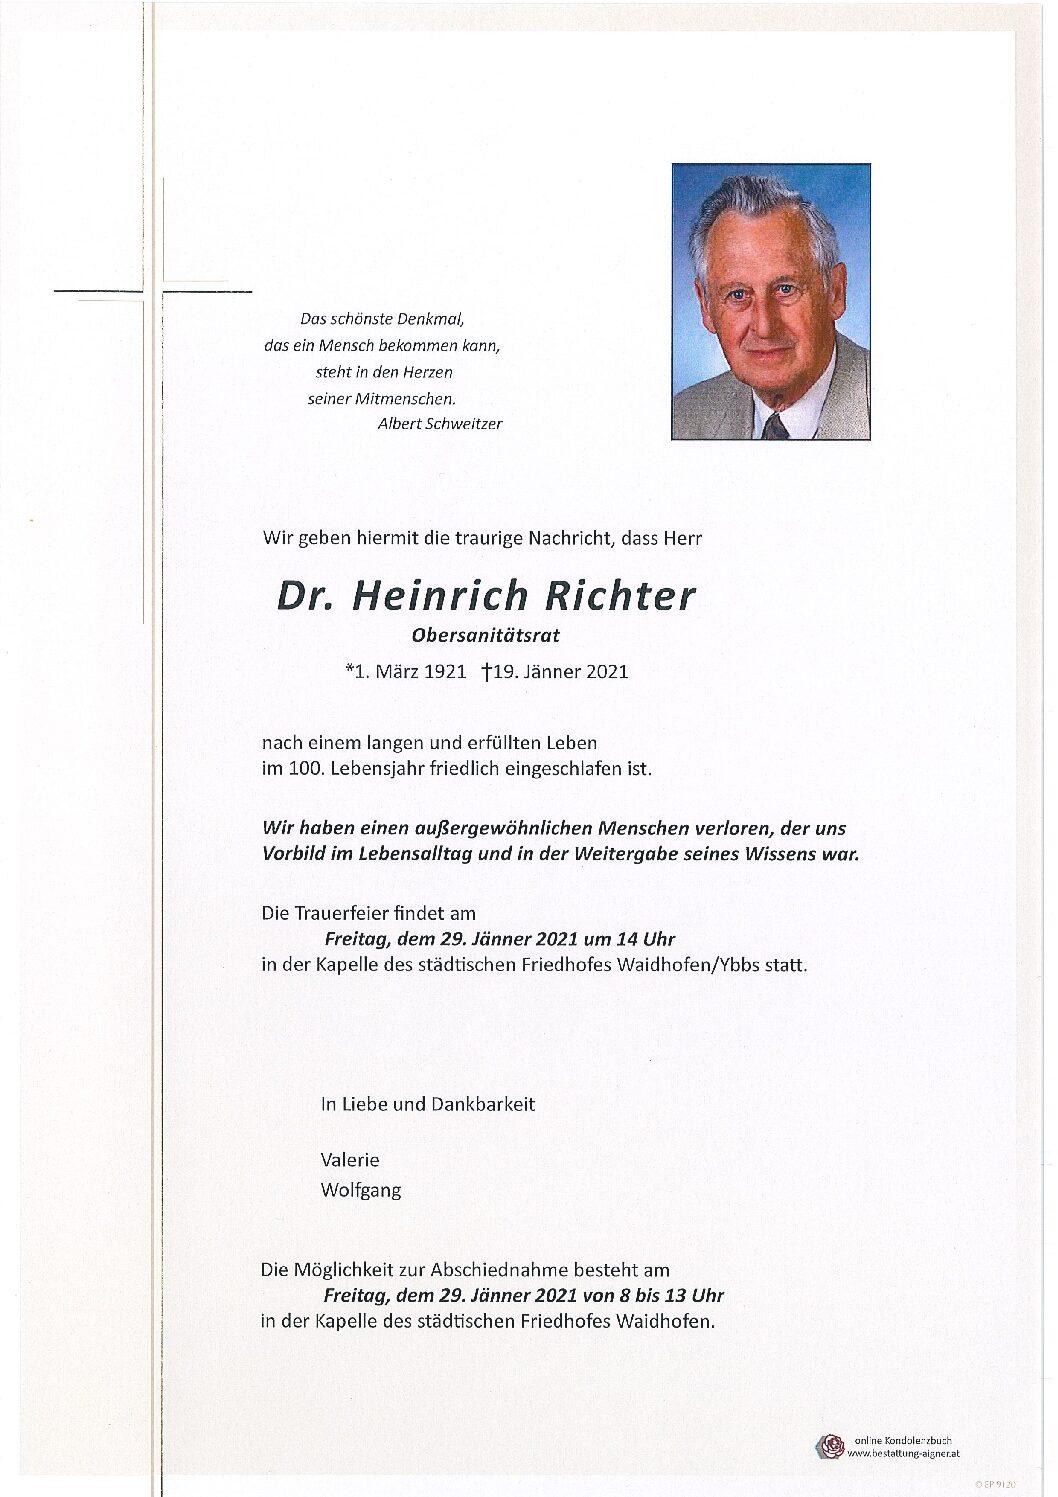 Dr. Heinrich Richter